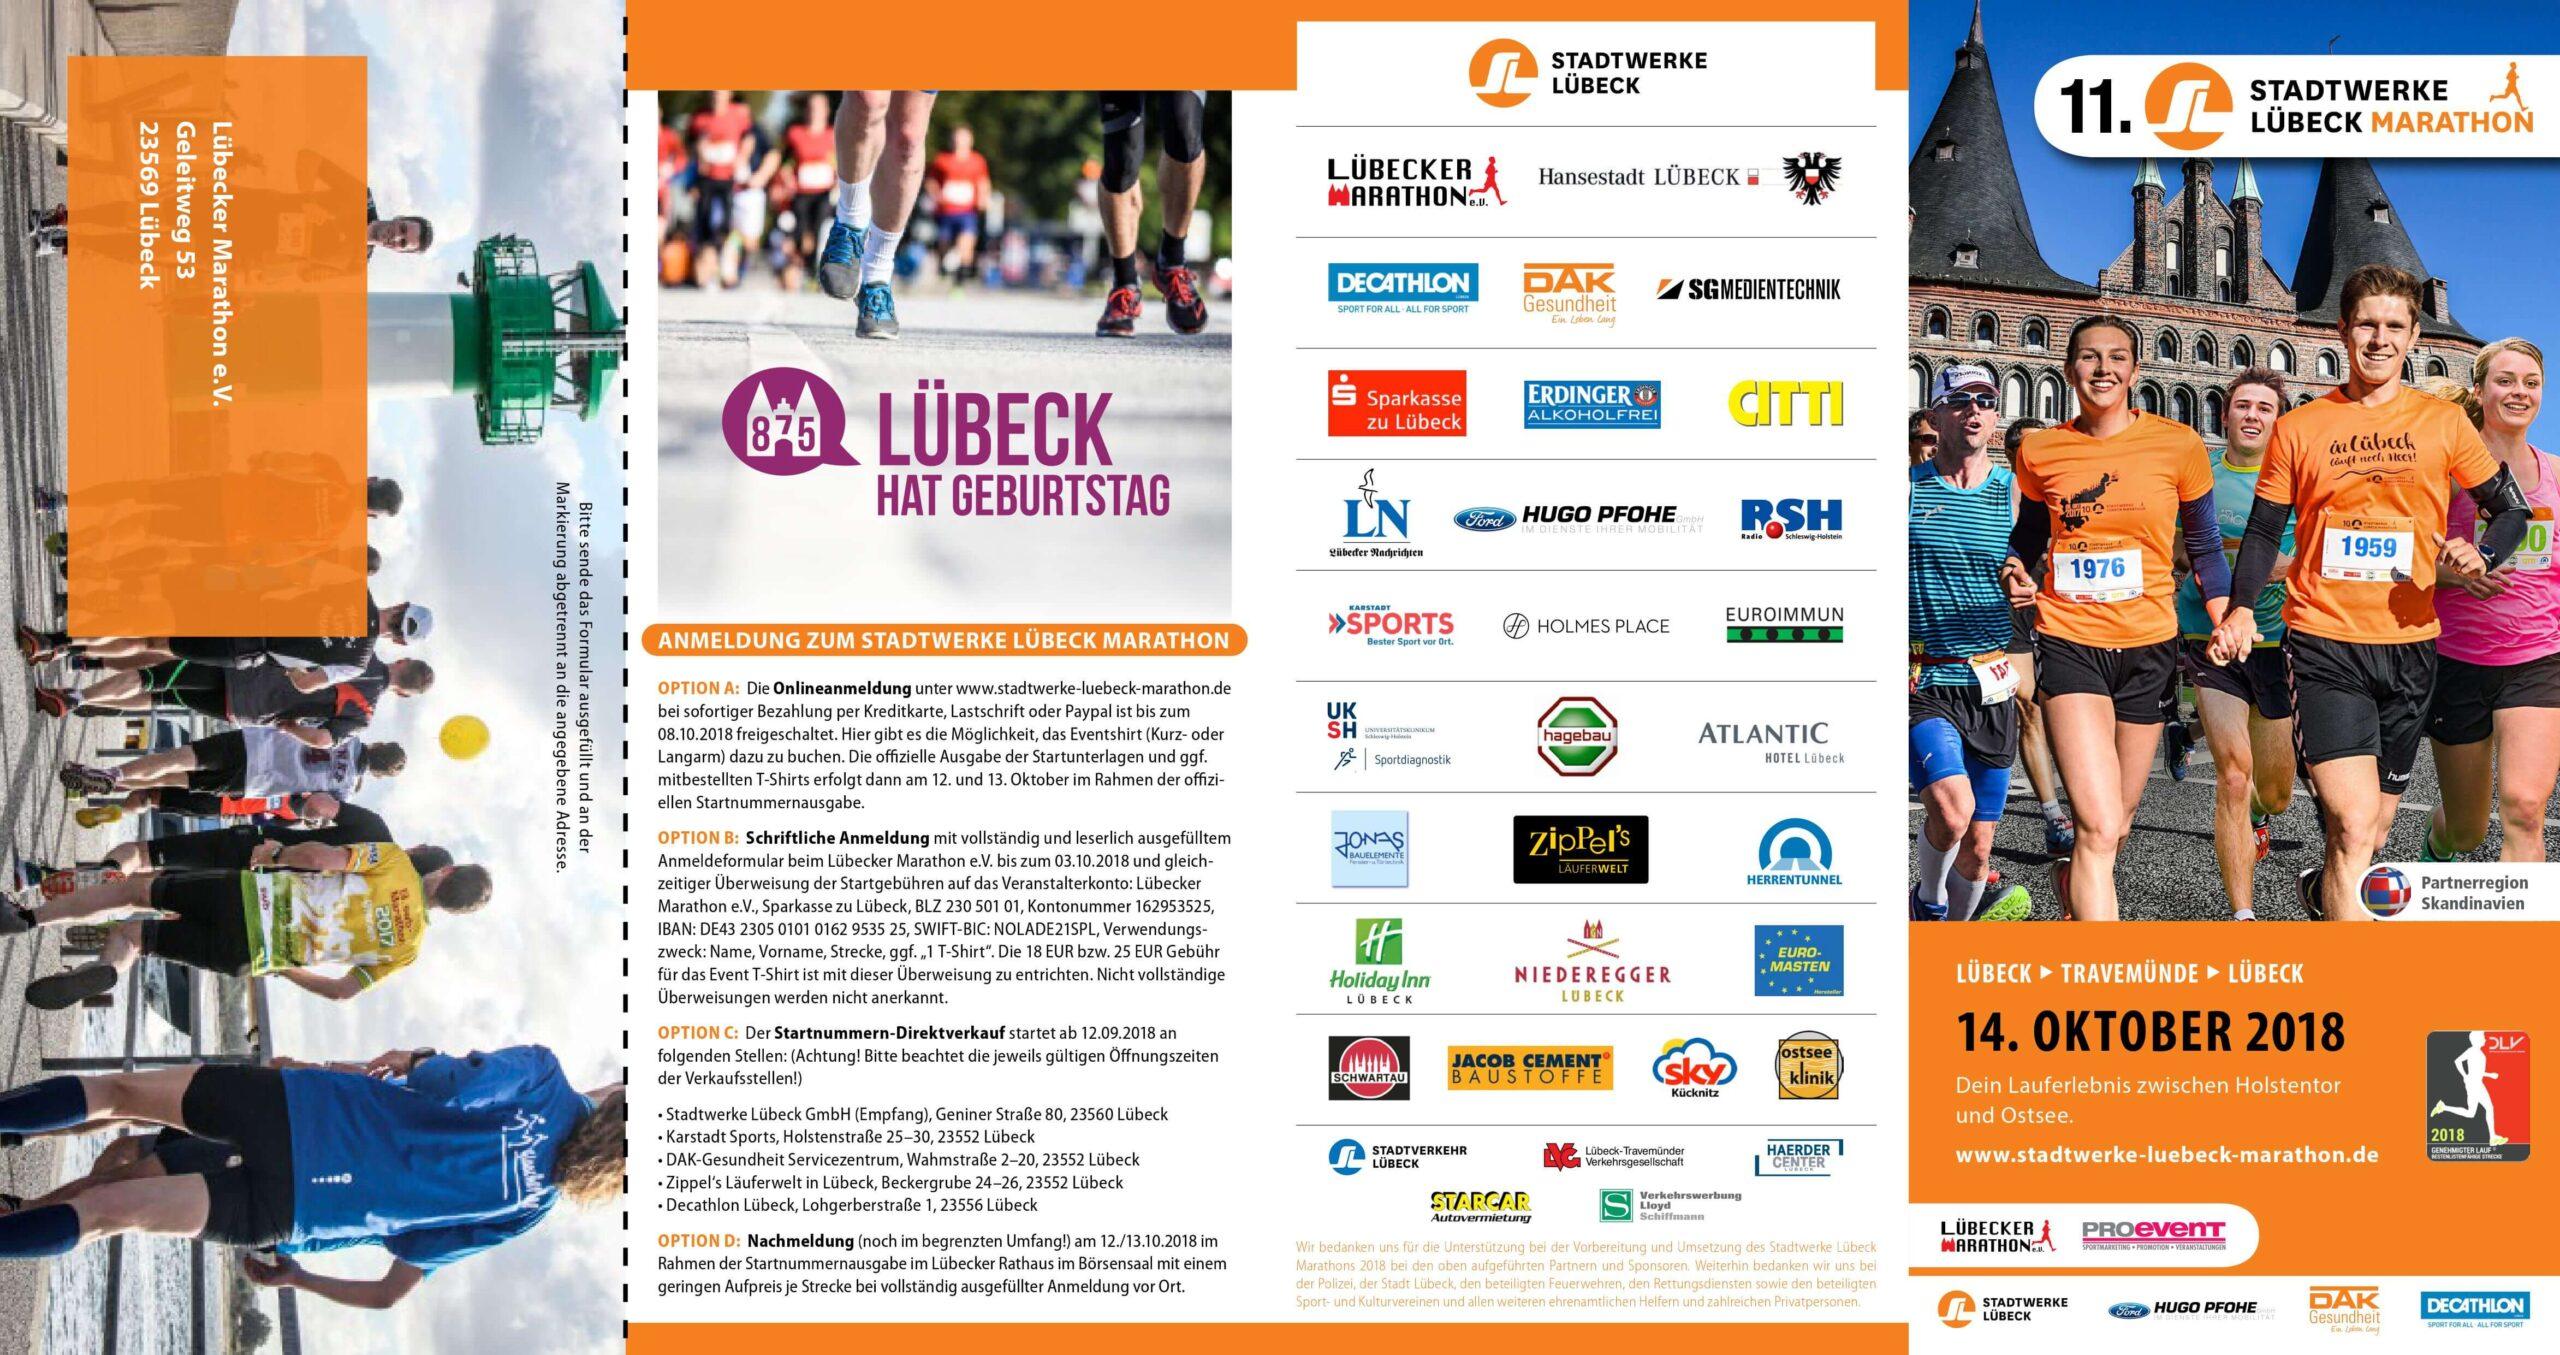 11. Stadtwerke Lübeck Marathon am 14. Oktober 2018